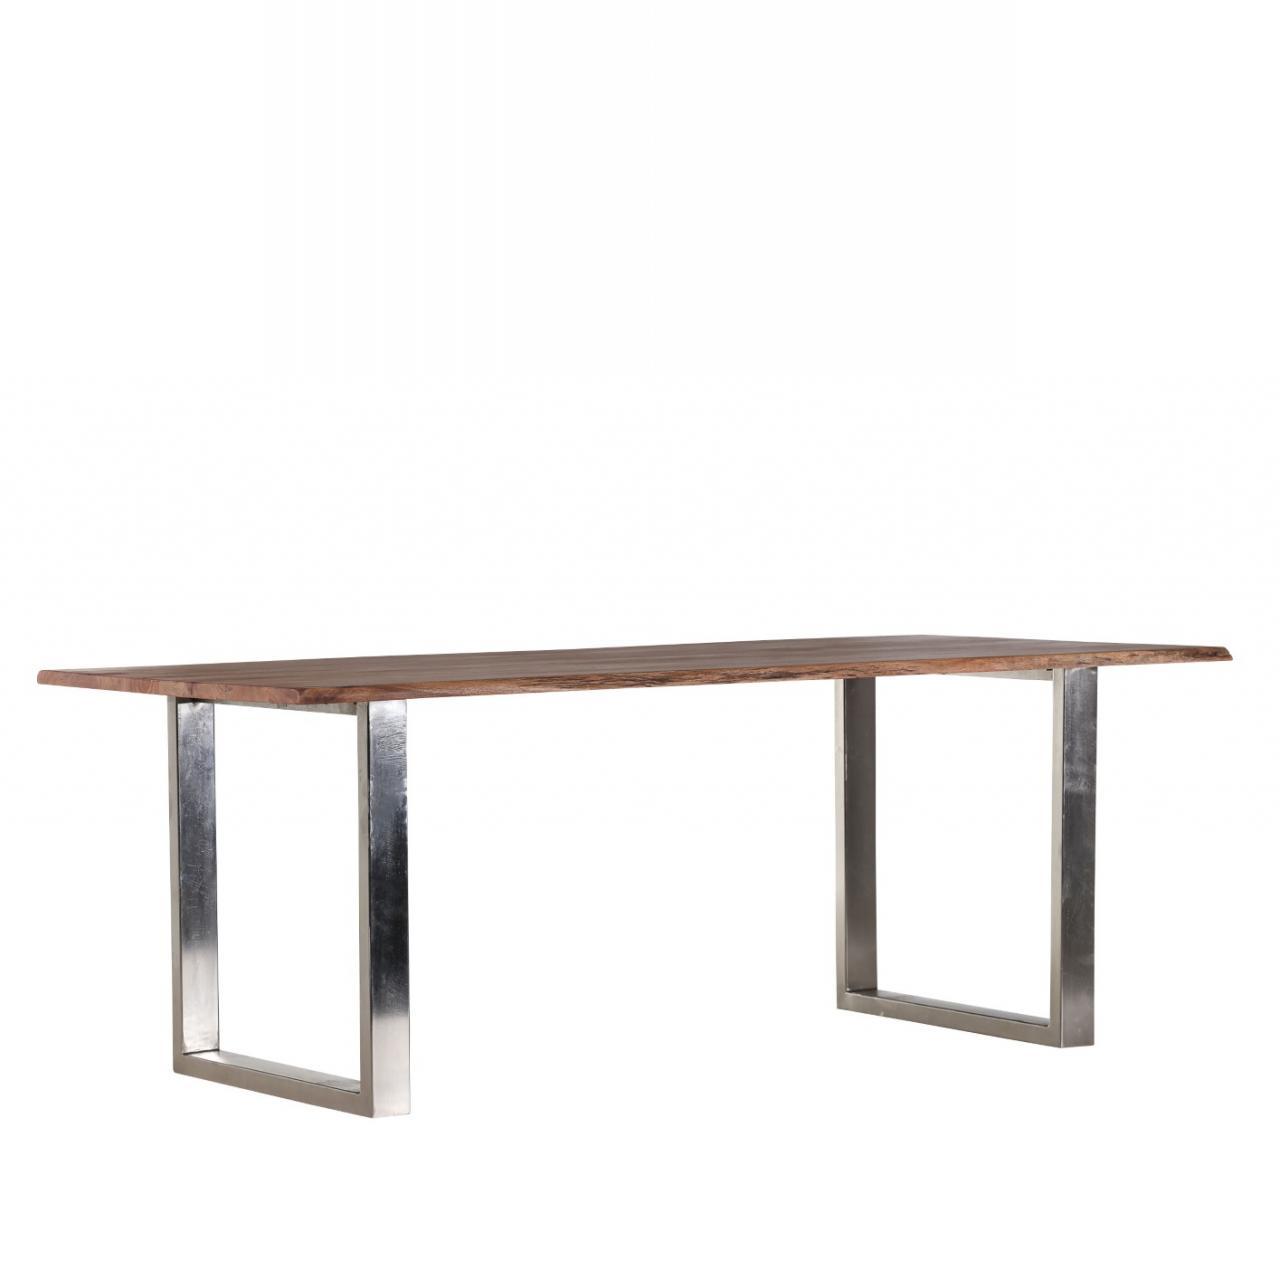 Esstisch Edge 160 x 90 cm Akazie Massivholz Küchentisch U-Form Beine